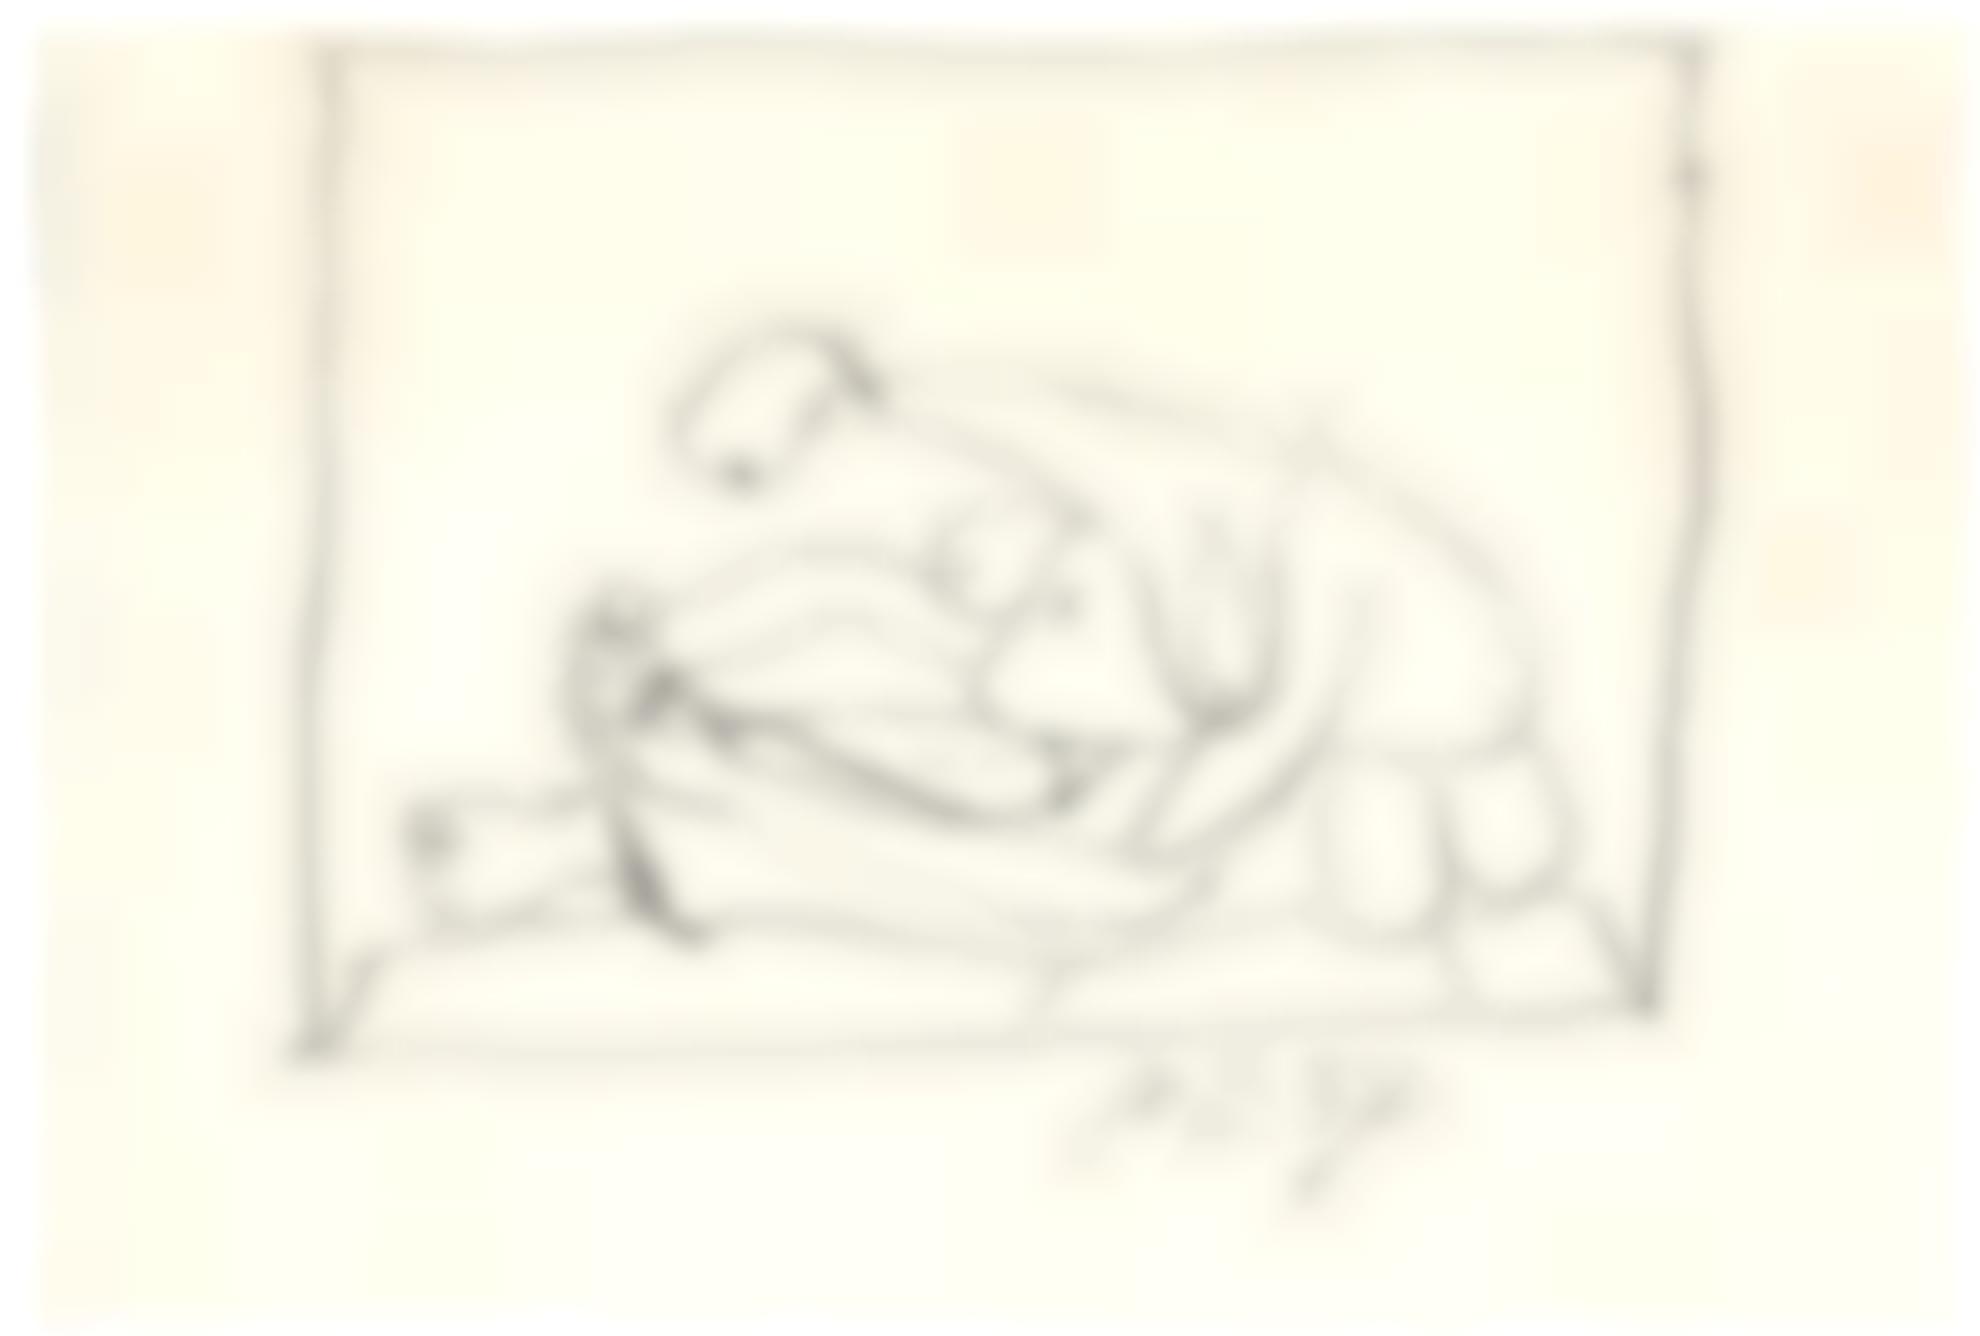 Pablo Picasso-Femme Assise Sur La Plage-1937